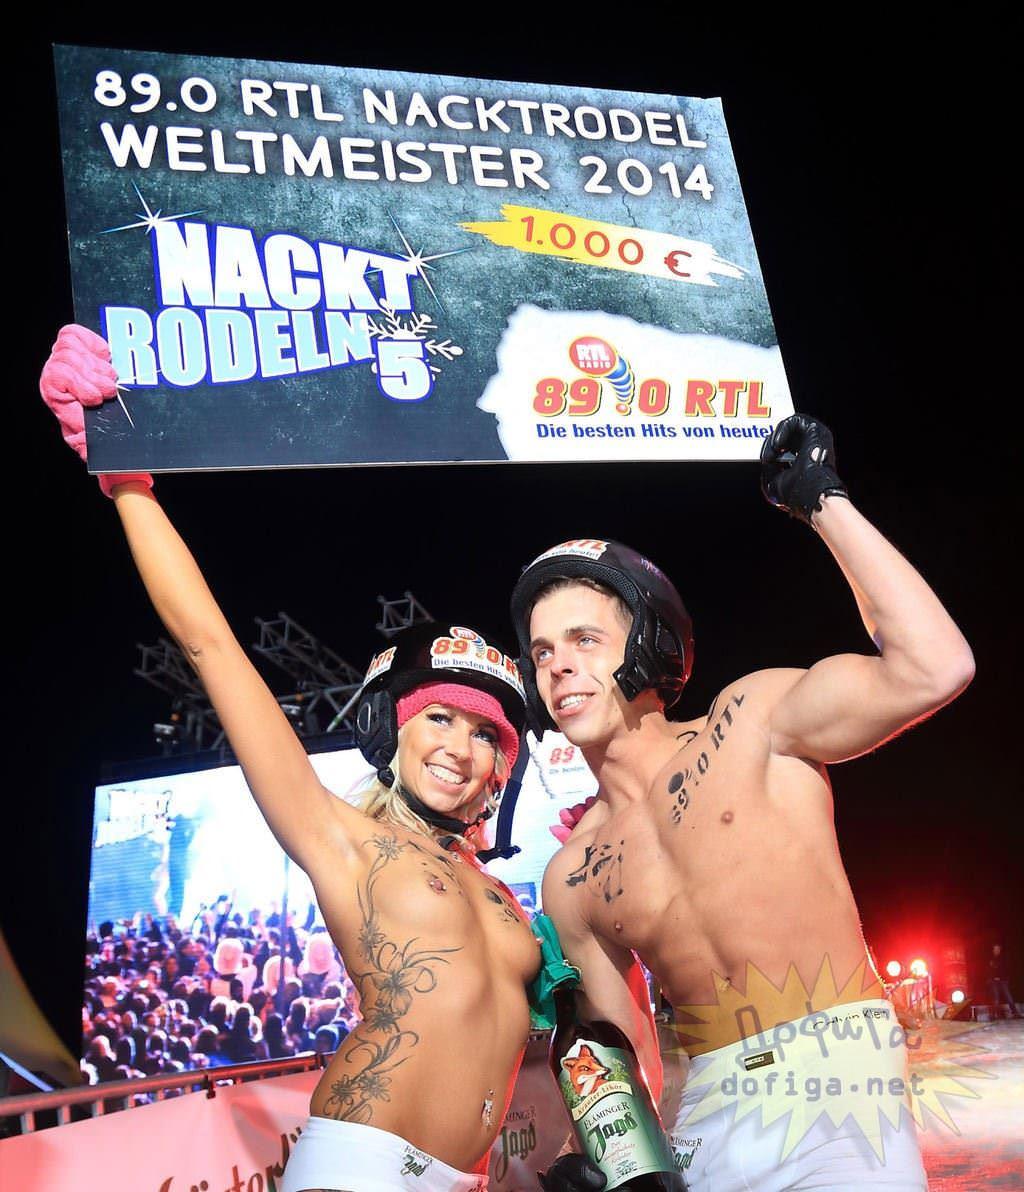 【外人】ドイツのヌードソリ世界選手権2014で金髪美女めっちゃ可愛い露出ポルノ画像 2554